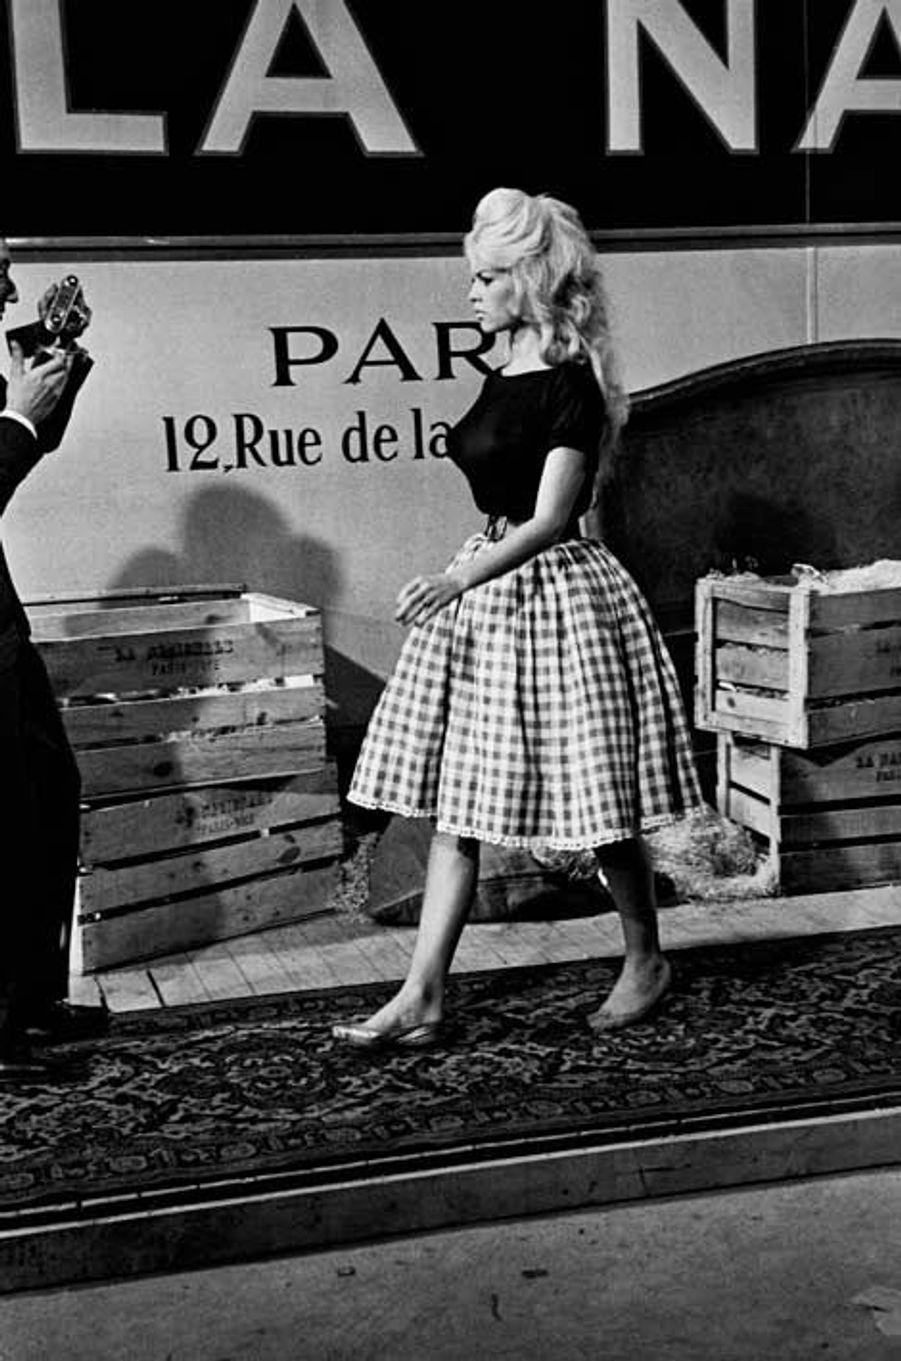 Mais la période des seventies sonne aussi le recul du traditionalisme et l'arrivée de l'émancipation sexuelle. Le graphisme «rural» est alors mis au placard et ne fera son grand retour que vingt ans plus tard. Après les stars, ce sont les podiums de mode et les super top-modèles des années 90 qui remettent au goût du jour la toile de napperon. Finit le look BCBG-belle des champs, le Vichy se porte sur un nombril apparent dans des couleurs flashy et même en version cowboy ultra sexy! Dorénavant cette pièce vintage devient un basique de la garde robe et se porte d'un peu près toutes les façons. En version Pin-up comme feu Amy Winehouse, en parisienne bobo comme Audrey Tautou et même de manière monarchique à l'image de la duchesse de Cambridge. Les fashionistas s'en emparent aussi très rapidement et il fera son grand retour sur les défilés en 2014. Cette année c'est Altuzarra, Oscar de la renta et Michael Kors qui le réinvente en tailleurs veste et jupe ceinturée, en top crow et même dans un mood beachy-girly. Le grand come-back de la tendance se confirme avec les derniers tapis rouge et avant première de films. En mars à l'occasion de la sortie du film «Cendrillon» et dans le cadre de l'exposition « Cinderella» à Londres, le duo Lily James (Cendrillon) et Helena Boham Carter (la marâtre) étaient raccord niveau textile. À Los Angeles et New York ce sont les it-girls et les actrices qui prônent la résurrection du Vichy. Mention spéciale pour le street style repéré lors du Eighth Annual veuve Clicquot Polo de New York. Bardot en mode French riviera inspire plus que jamais outre-Atlantique!